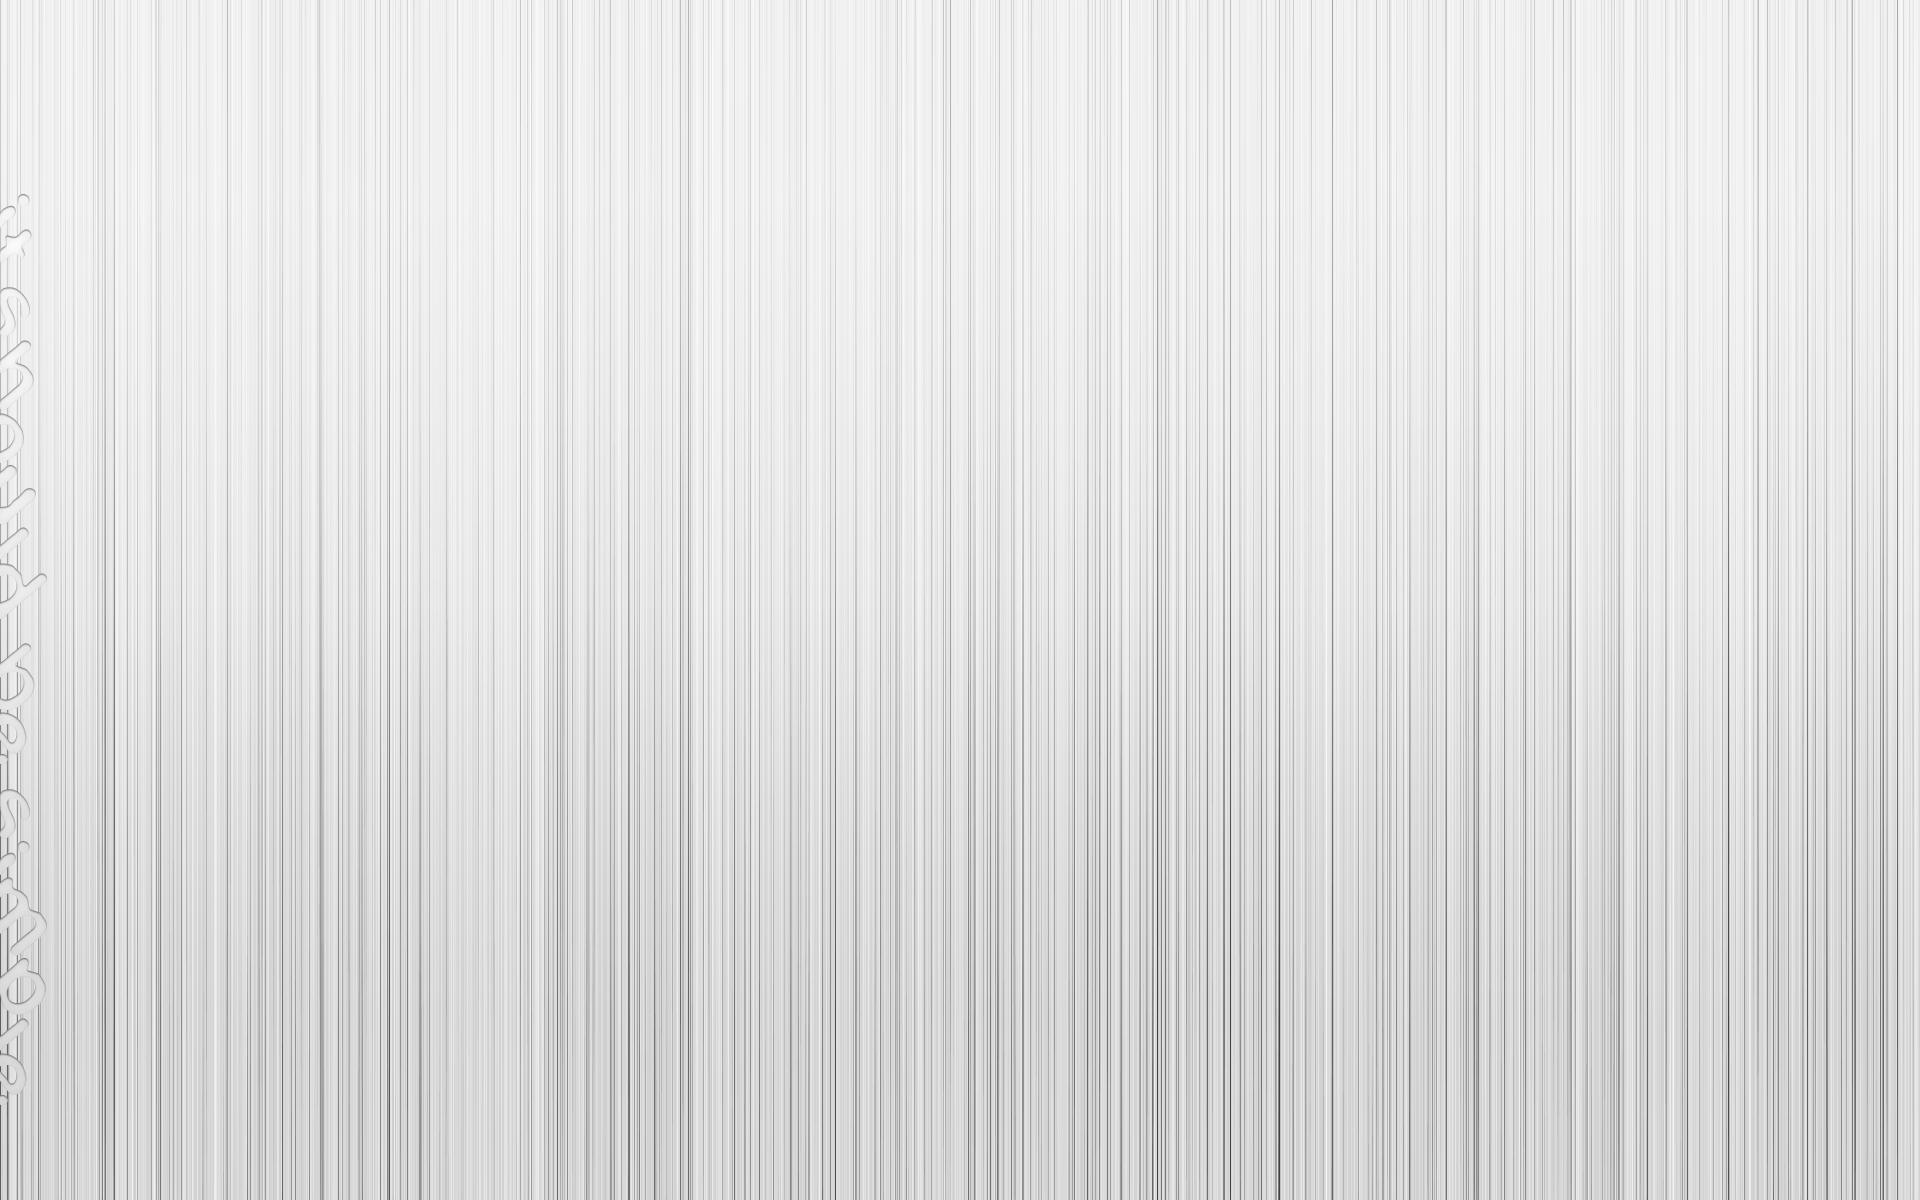 Hình nền trắng đẹp (44)